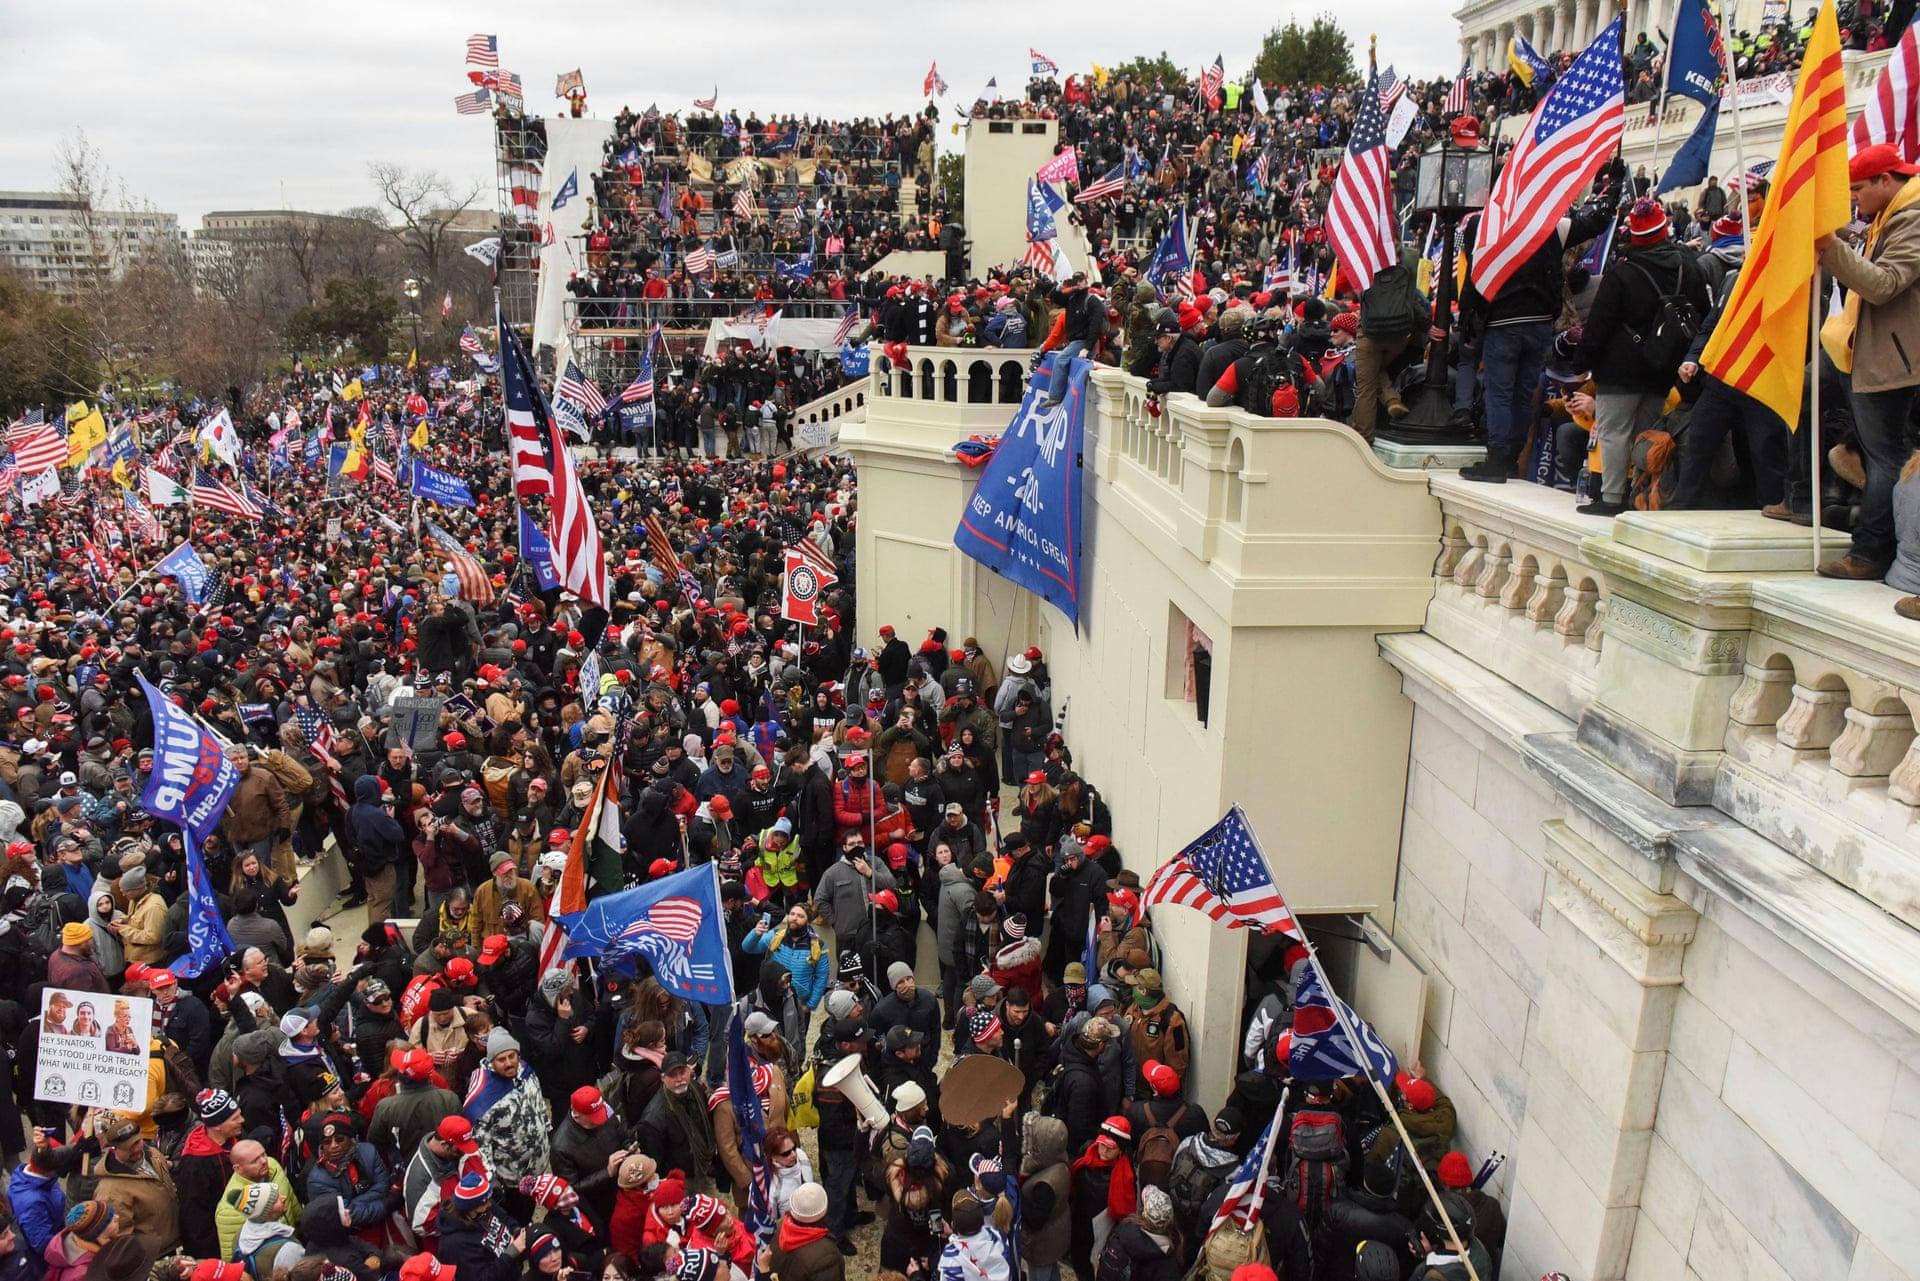 """EE.UU.: Biden exige que se """"detenga este asalto"""" mientras Trump le dice a sus seguidores """"los quiero mucho"""""""